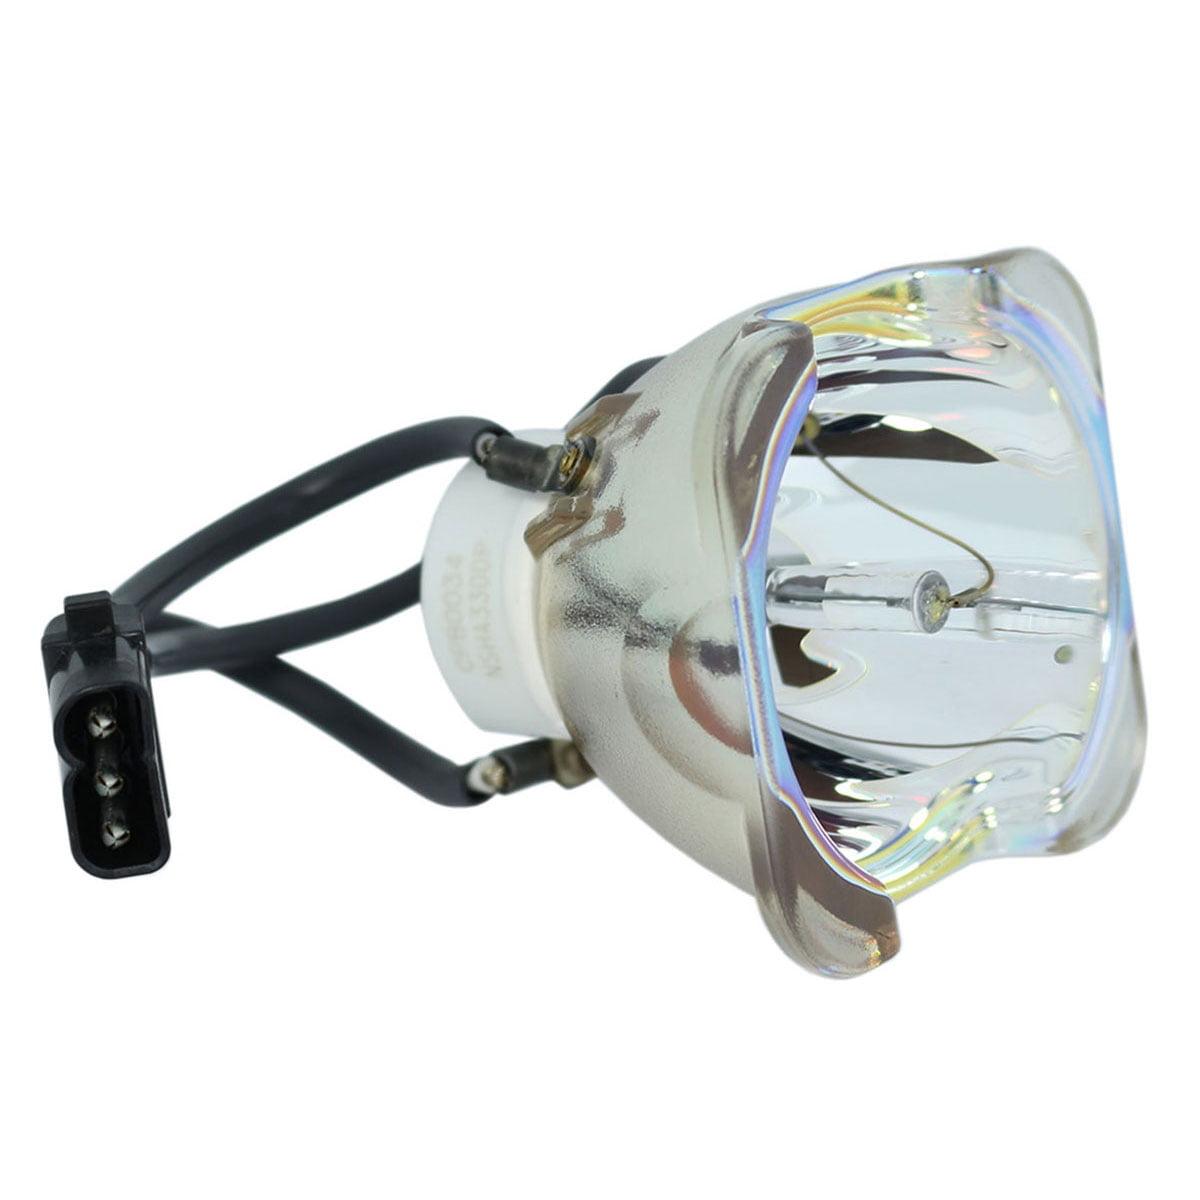 Lutema Platinum lampe pour Digital Projection 109-215J Projecteur (ampoule Philips originale) - image 3 de 5